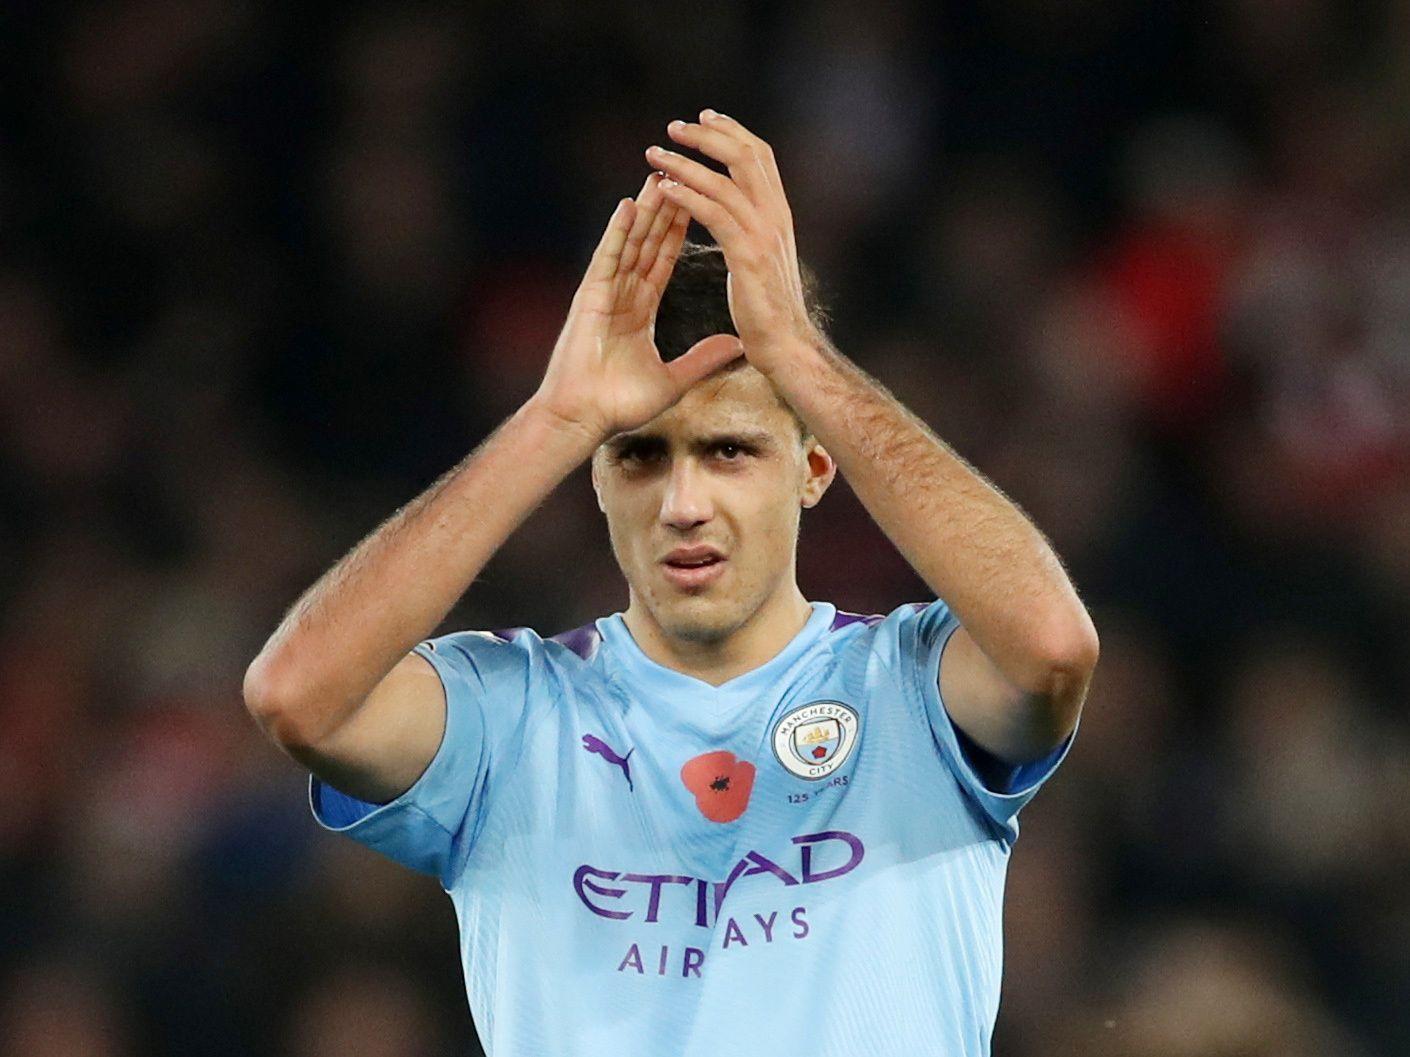 Pemain Manchester City Ini Tak Mau Liga Mulai Buru Buru